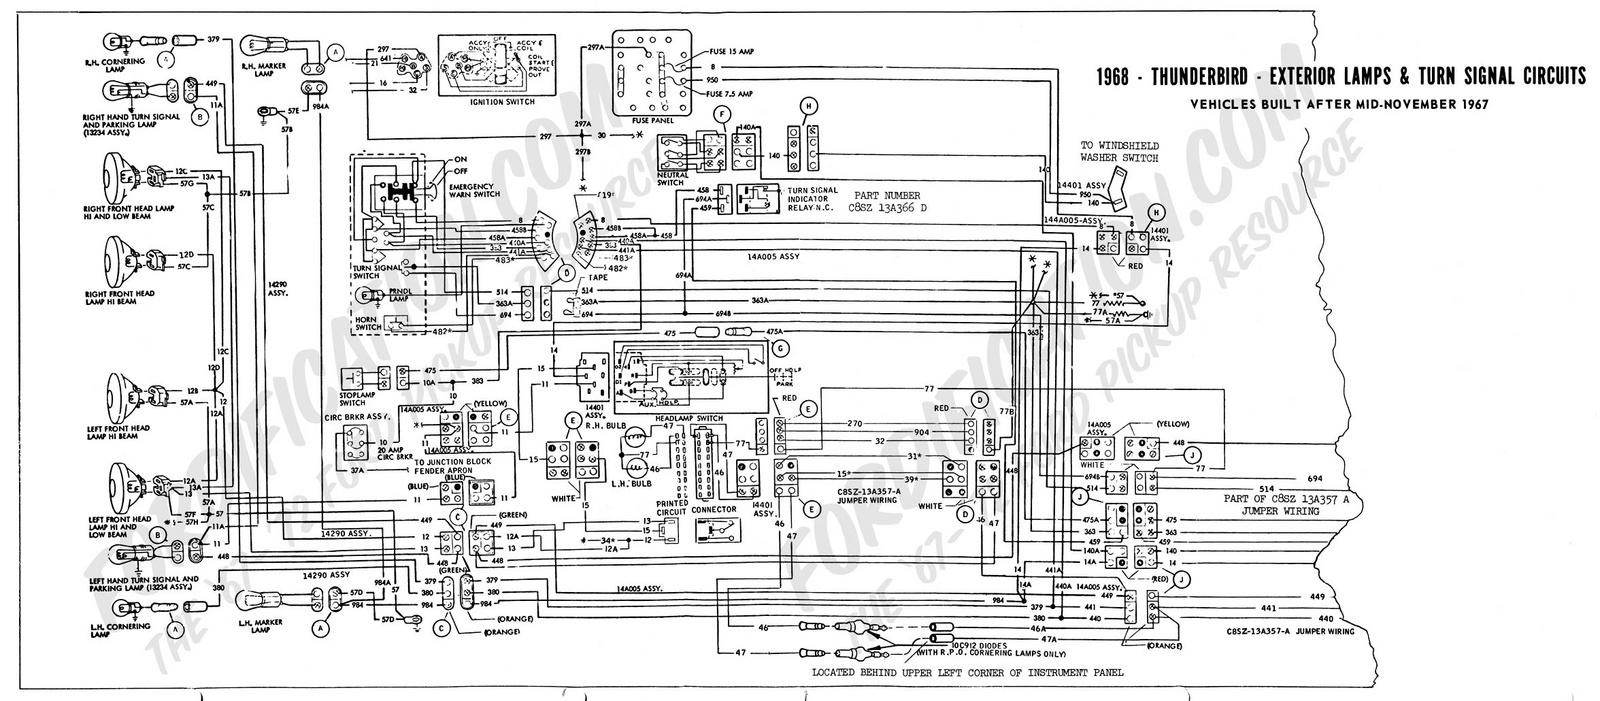 1963 ford falcon fuse box location